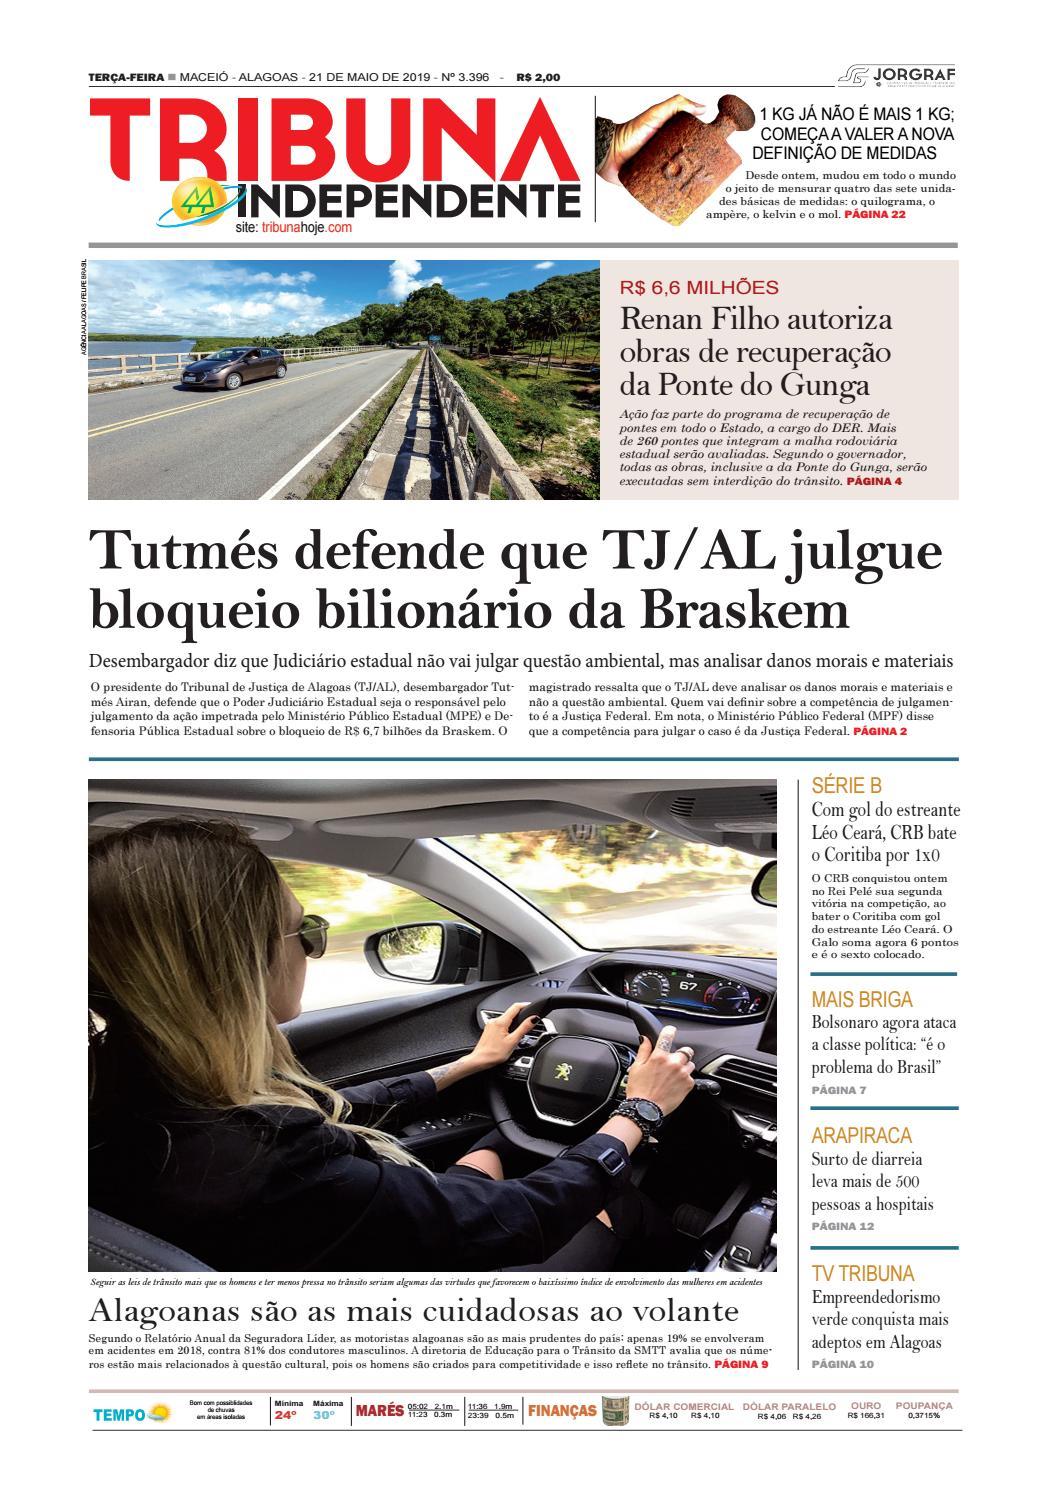 0d793dd85b216 Edição número 3396 - 21 de maio de 2019 by Tribuna Hoje - issuu